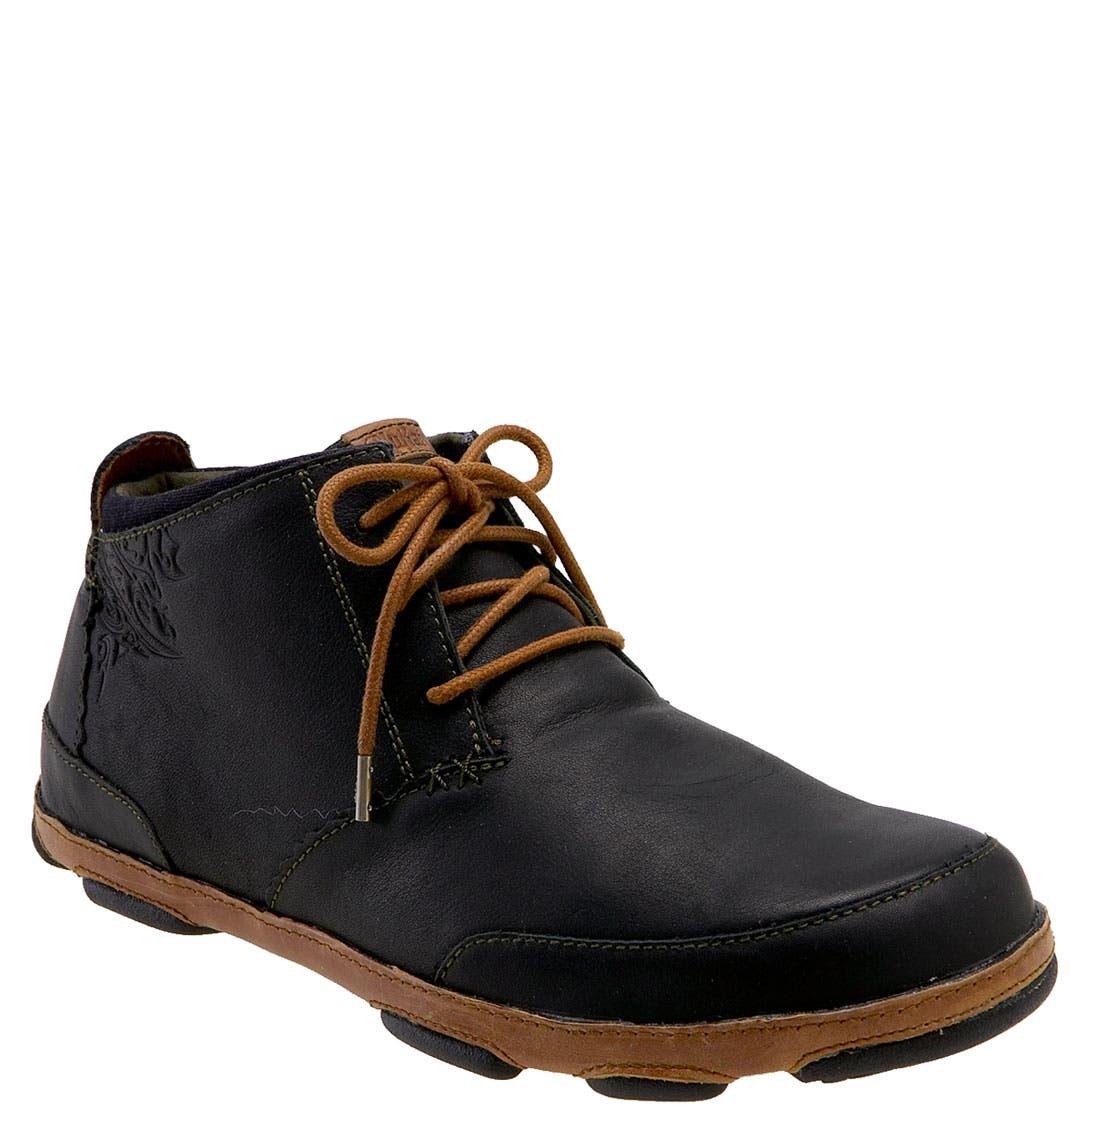 OLUKAI 'Kamuela' Ankle Boot, Main, color, 001